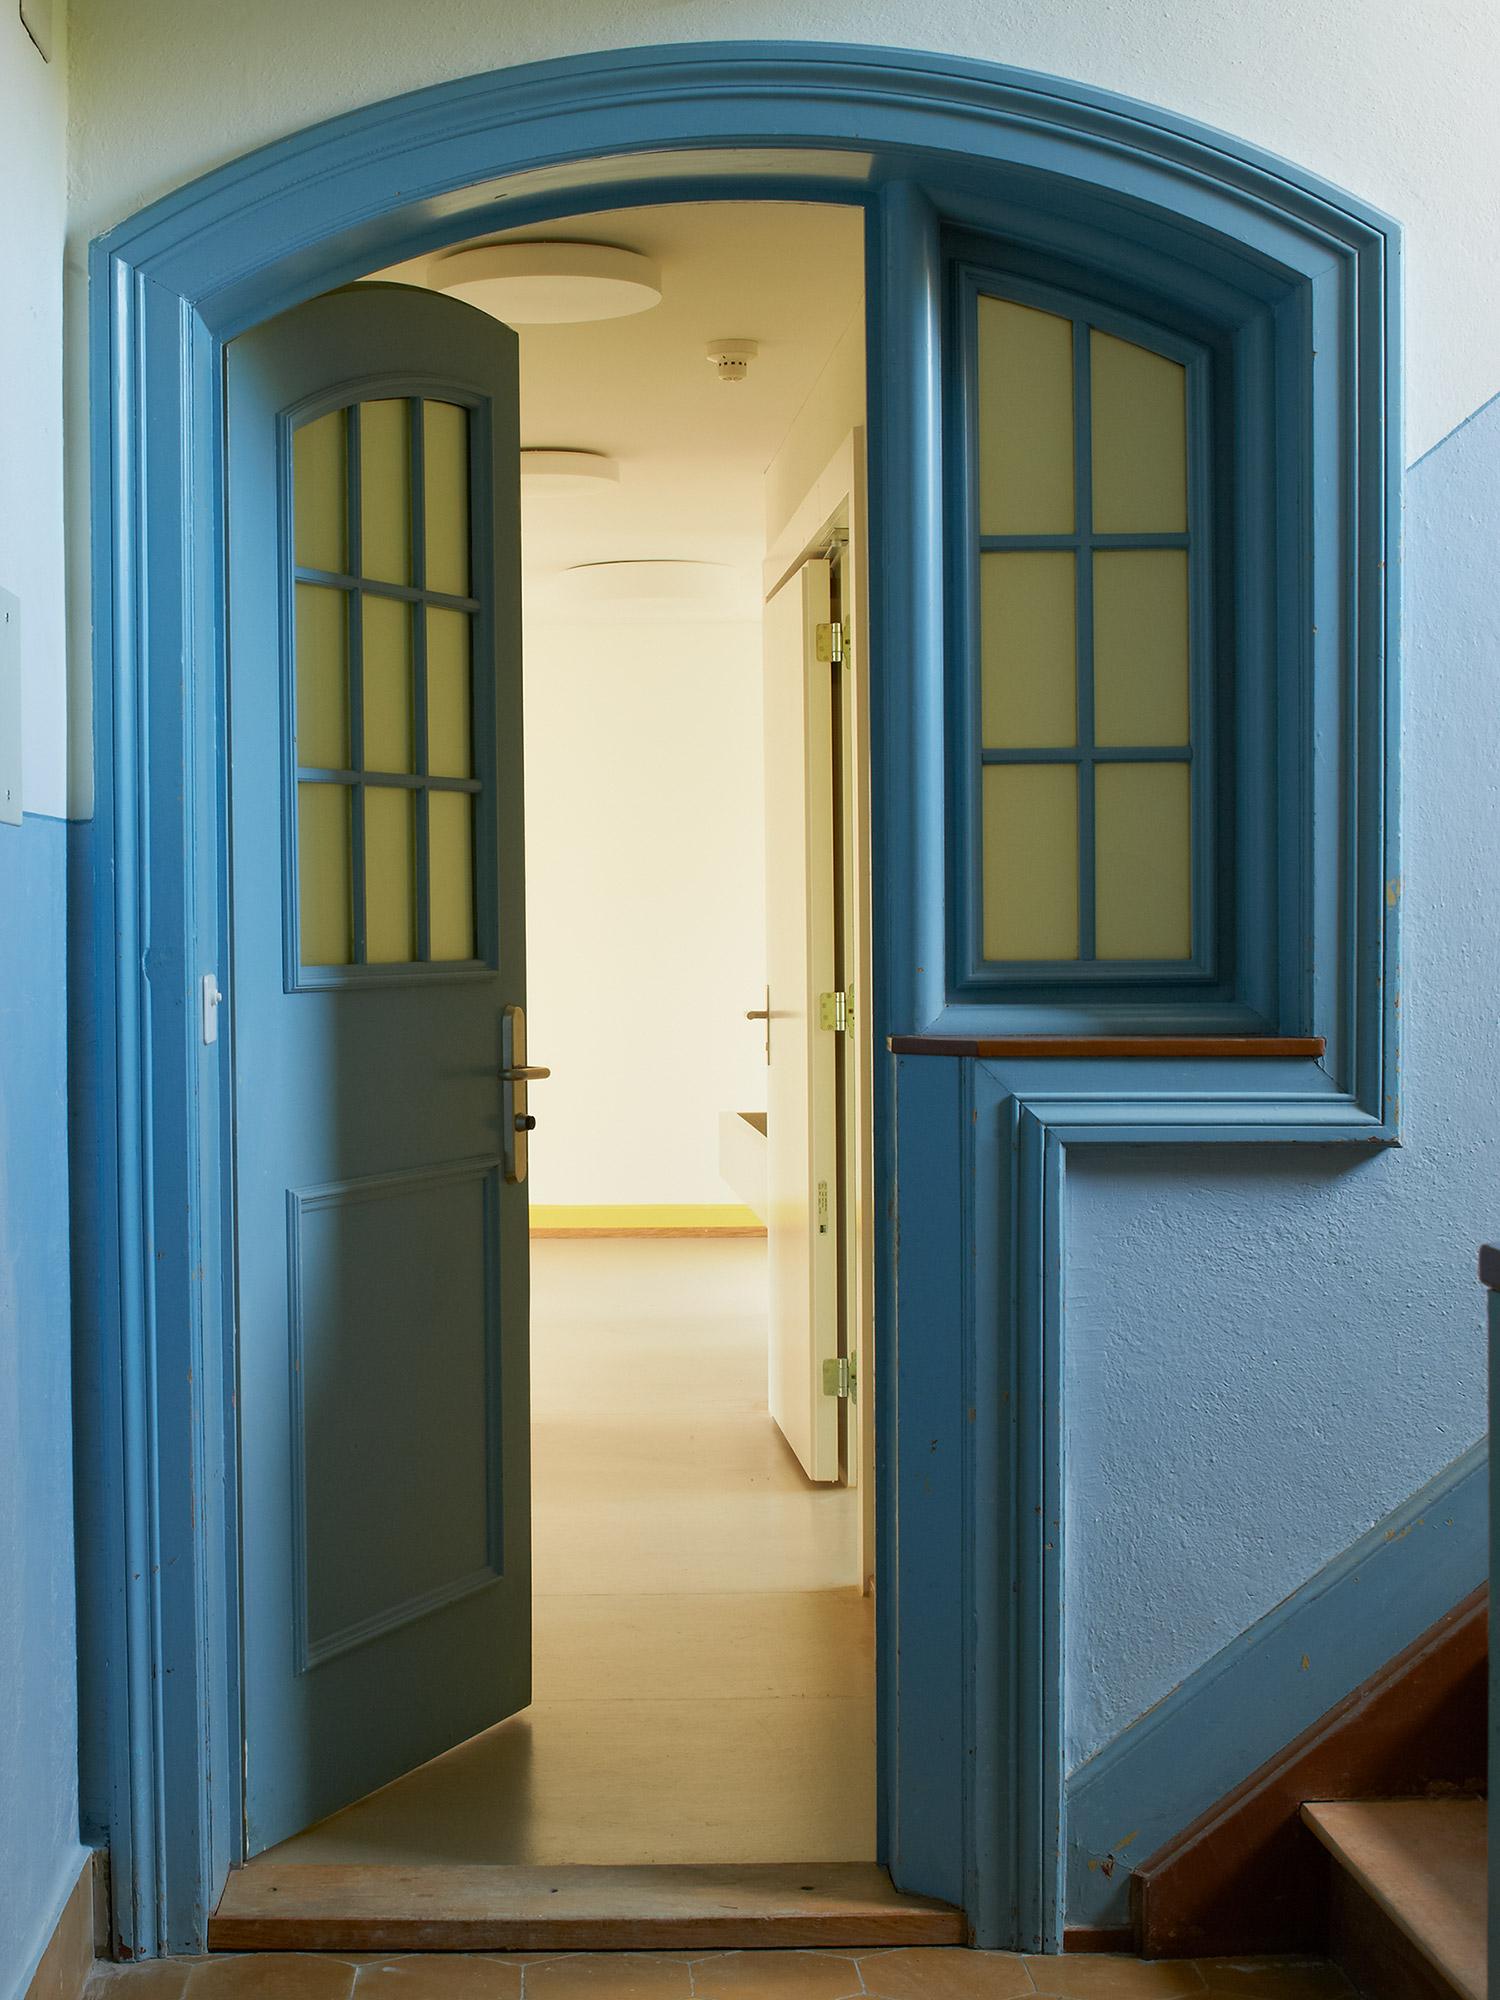 Eingang in eine Wohnung